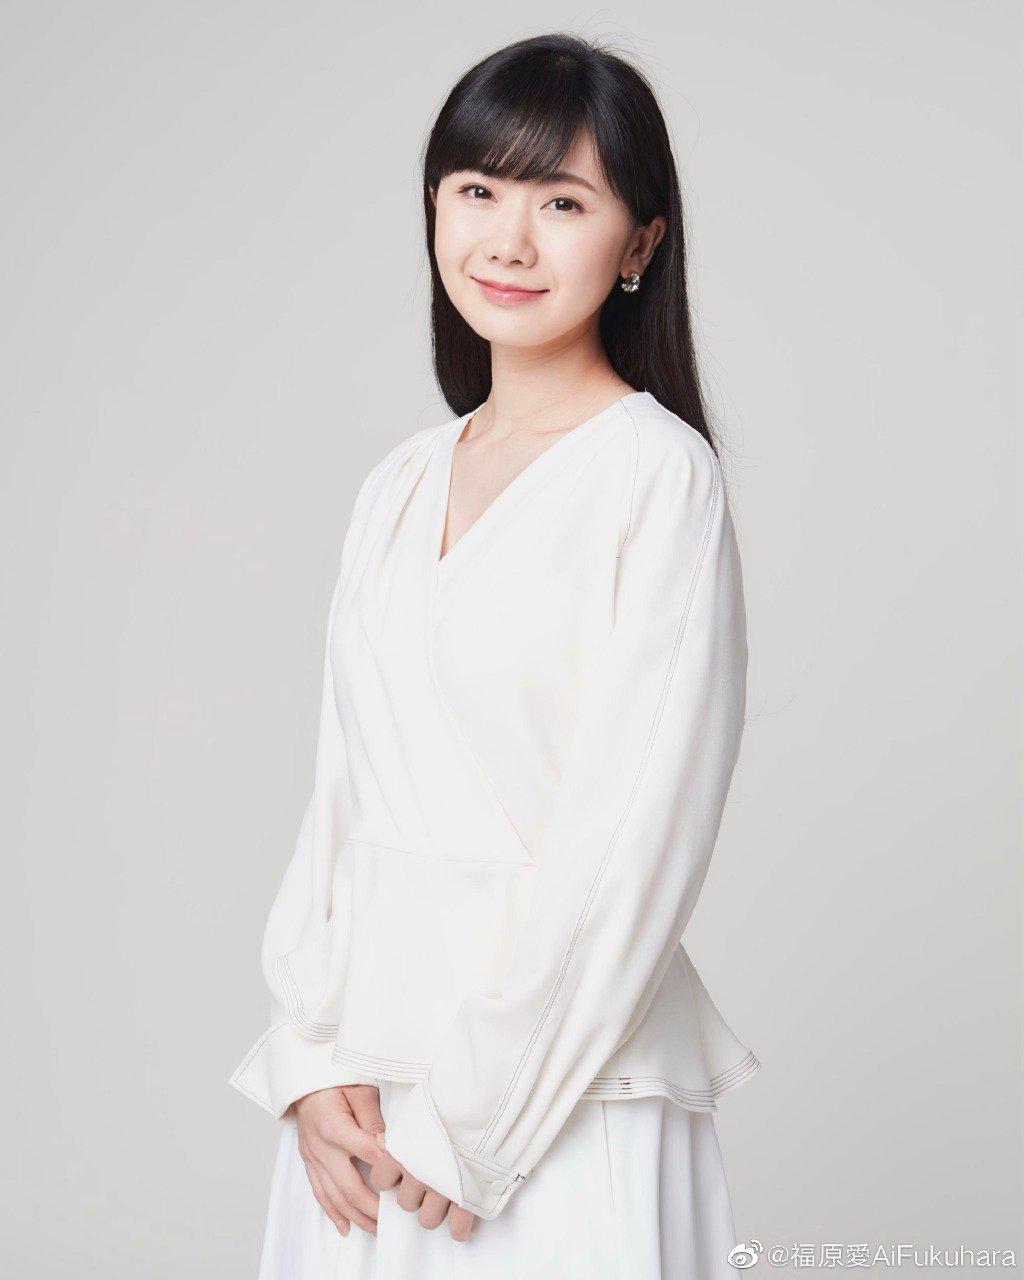 福原愛已半年未見小孩,離婚後她首度在媒體面前談論起孩子。圖/擷自福原愛微博